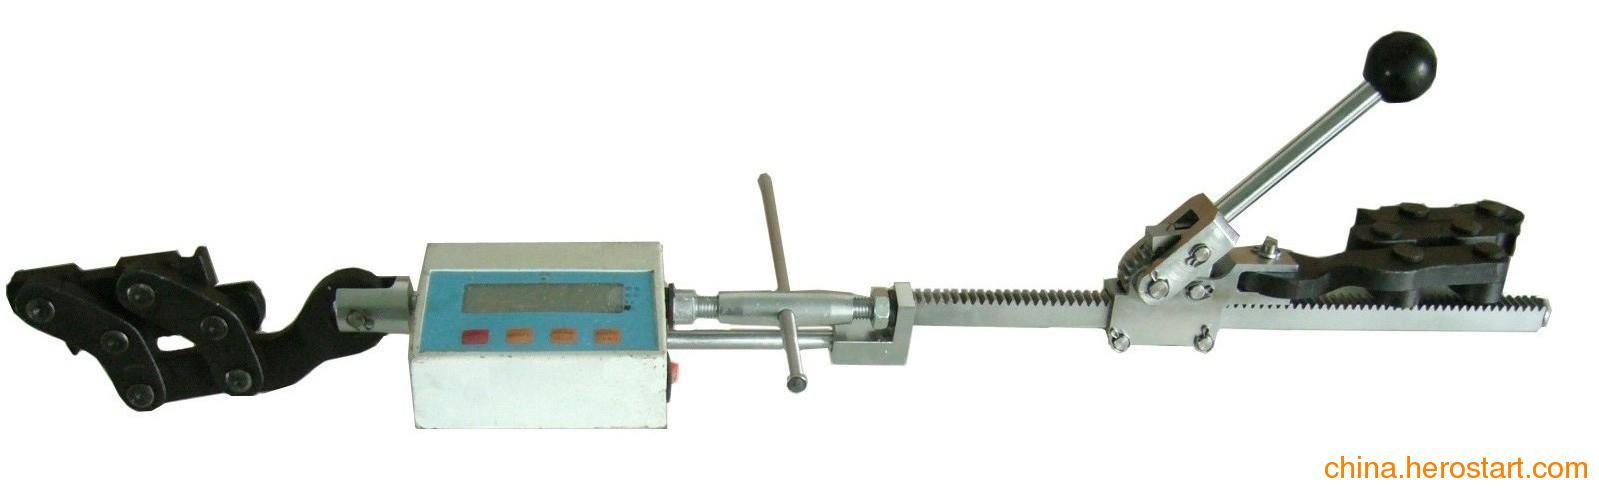 供应接触网专用(弹性吊索安装仪)紧线器